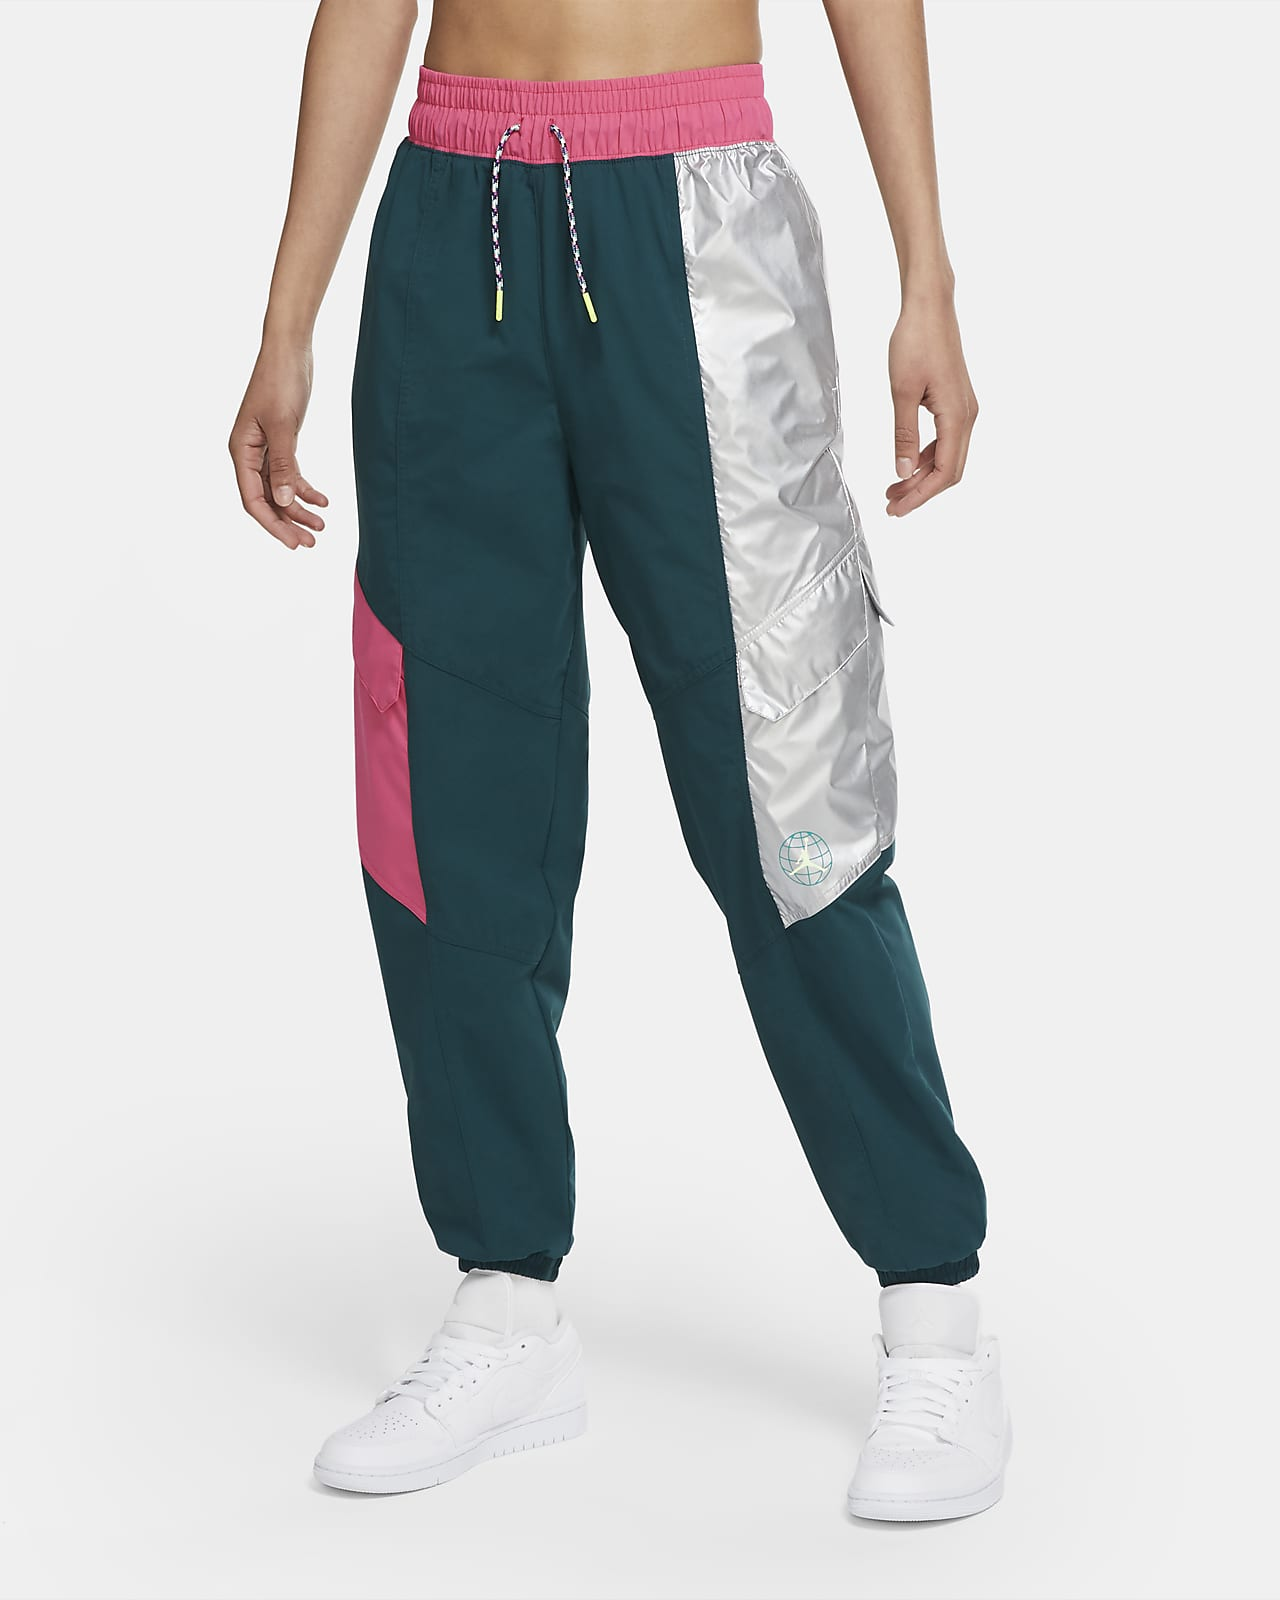 Jordan Winter Utility bukse til dame